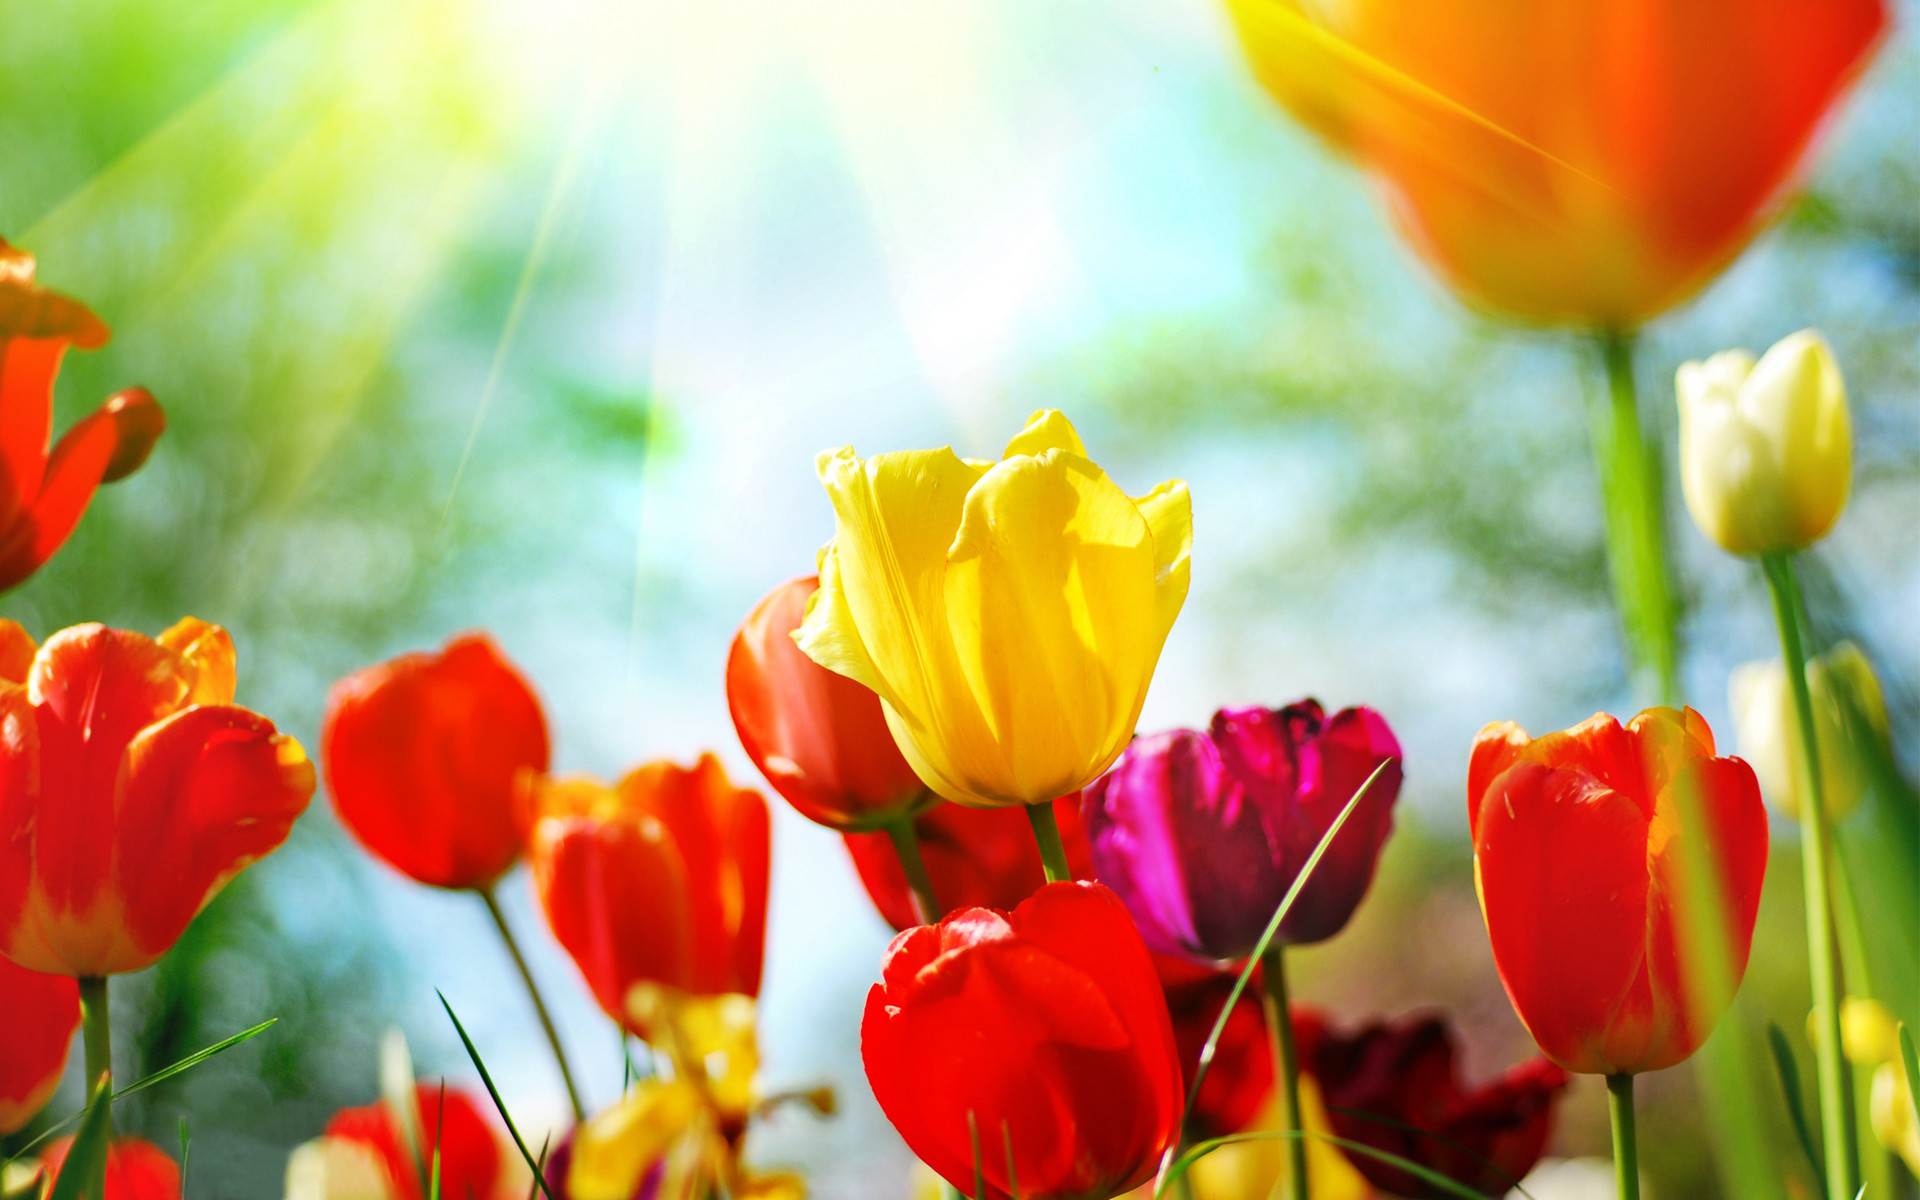 desktop wallpaper spring flowers (60+ images)